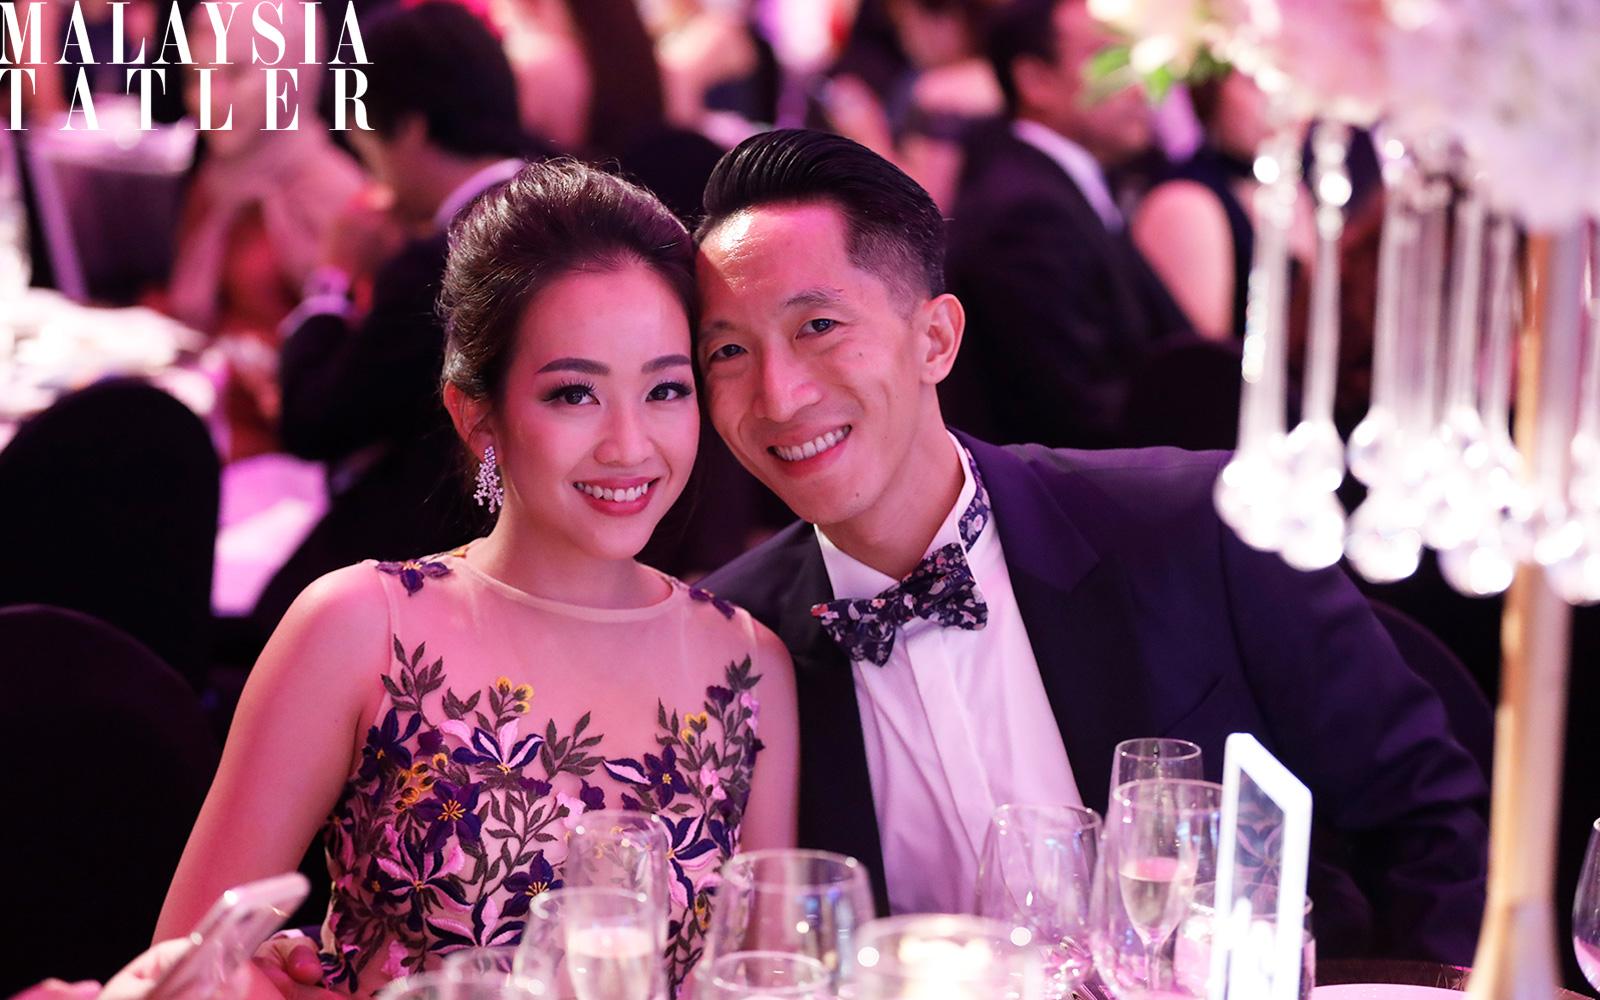 Evonne Khoo and Yap Weng Yau